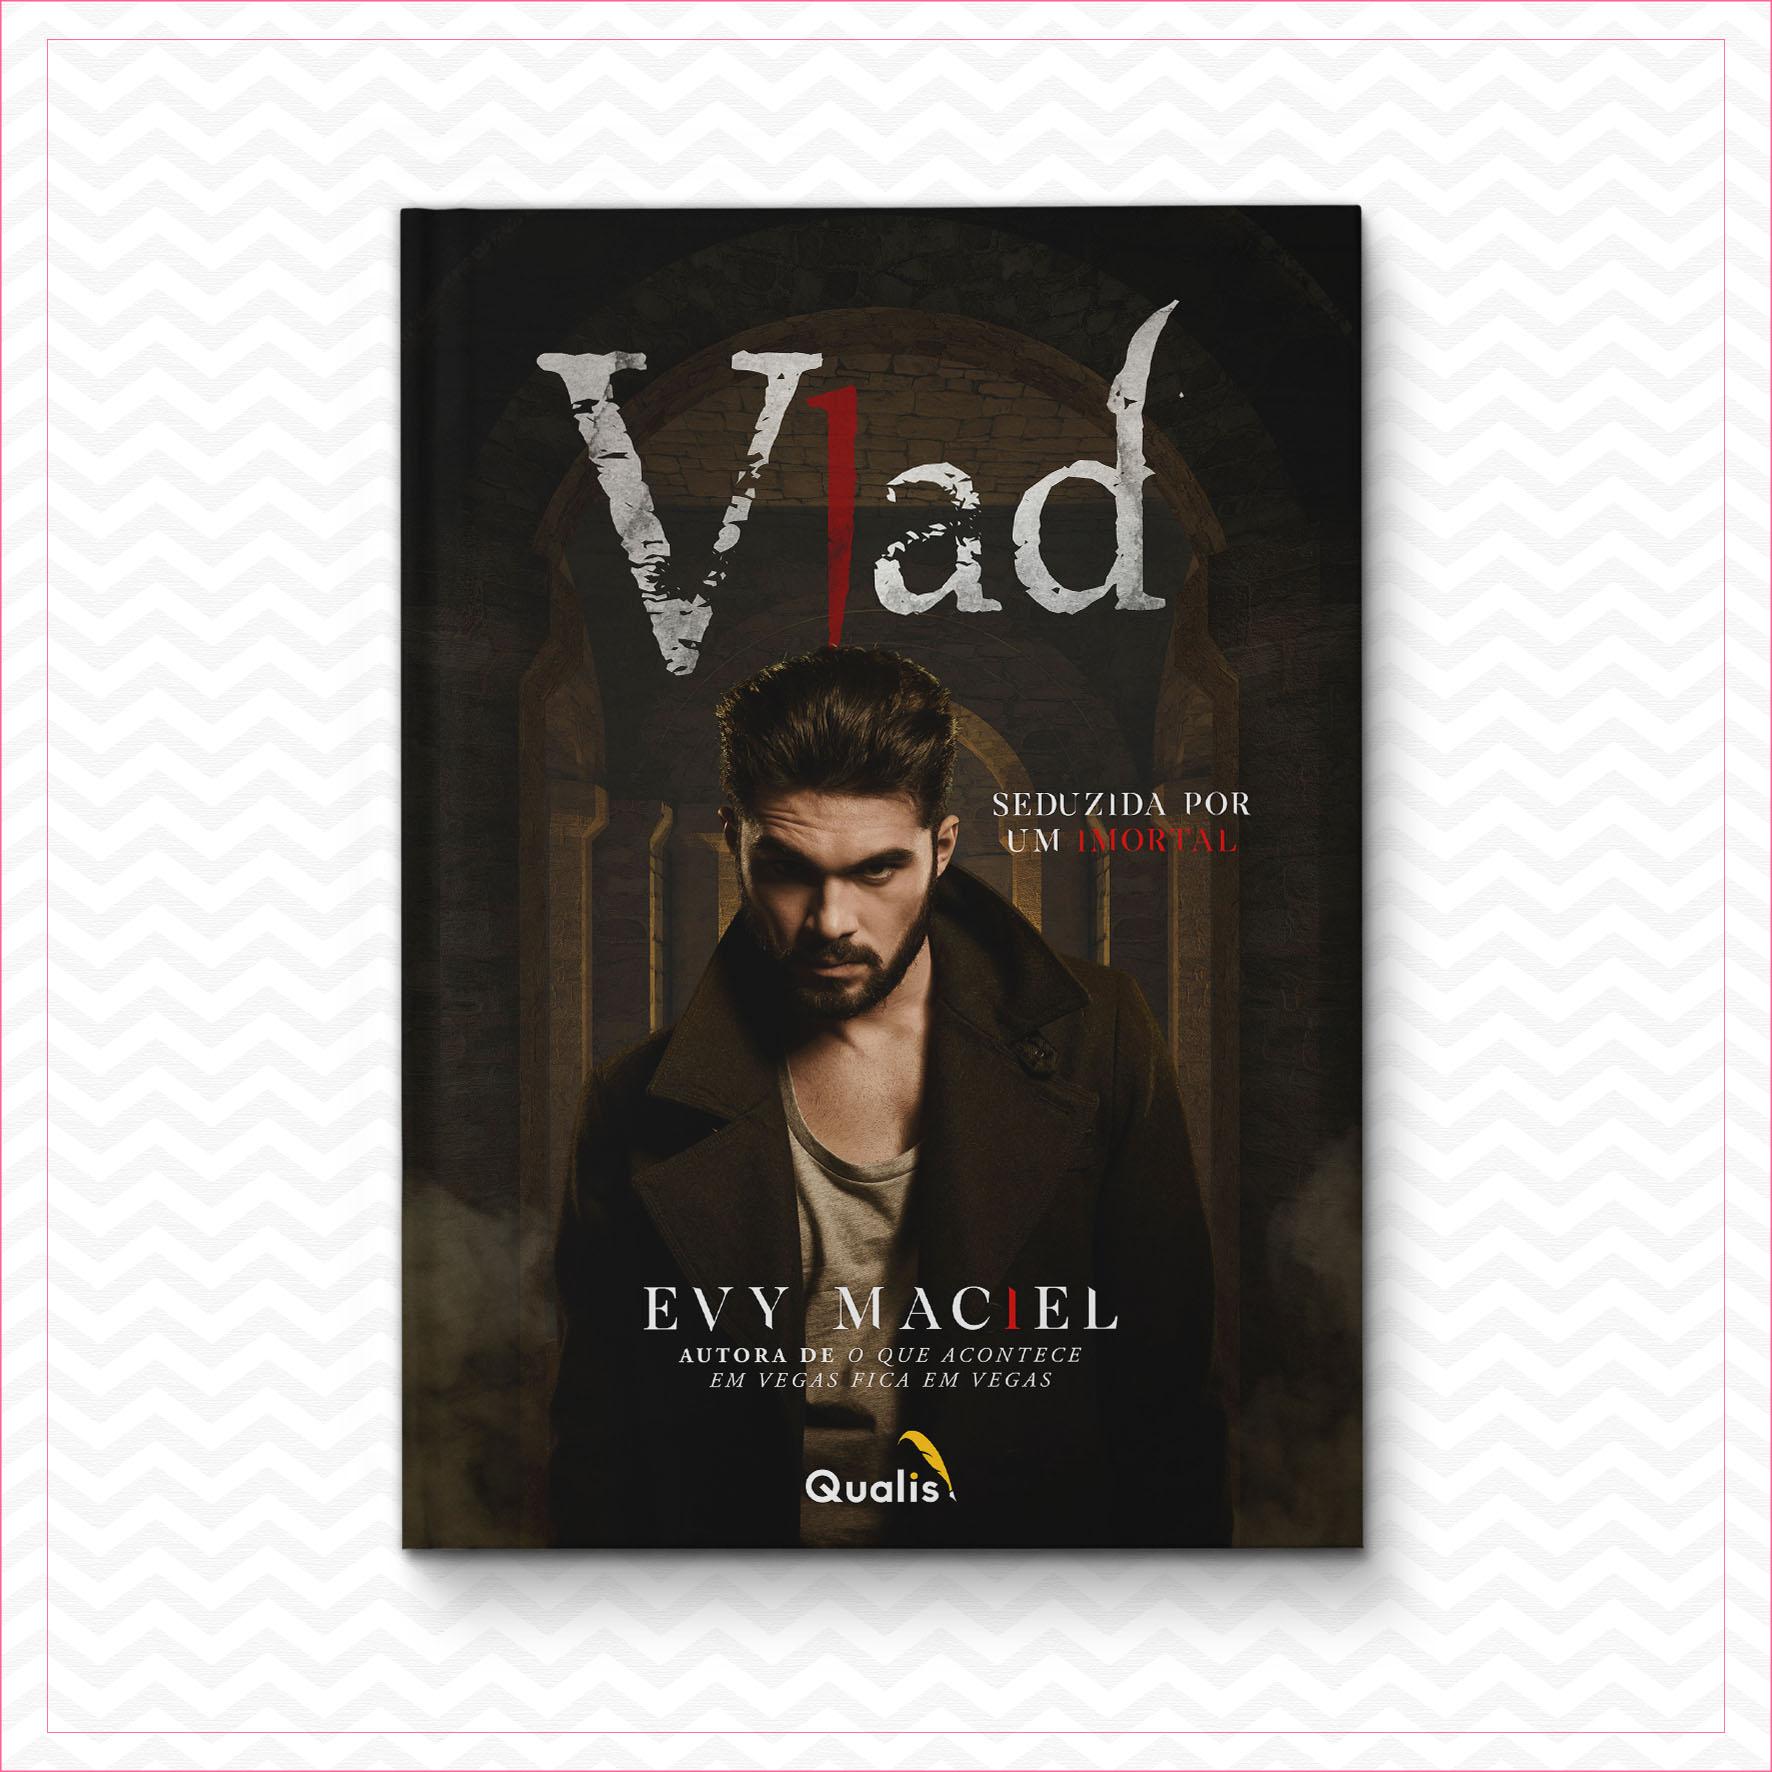 Vlad – Evy Maciel